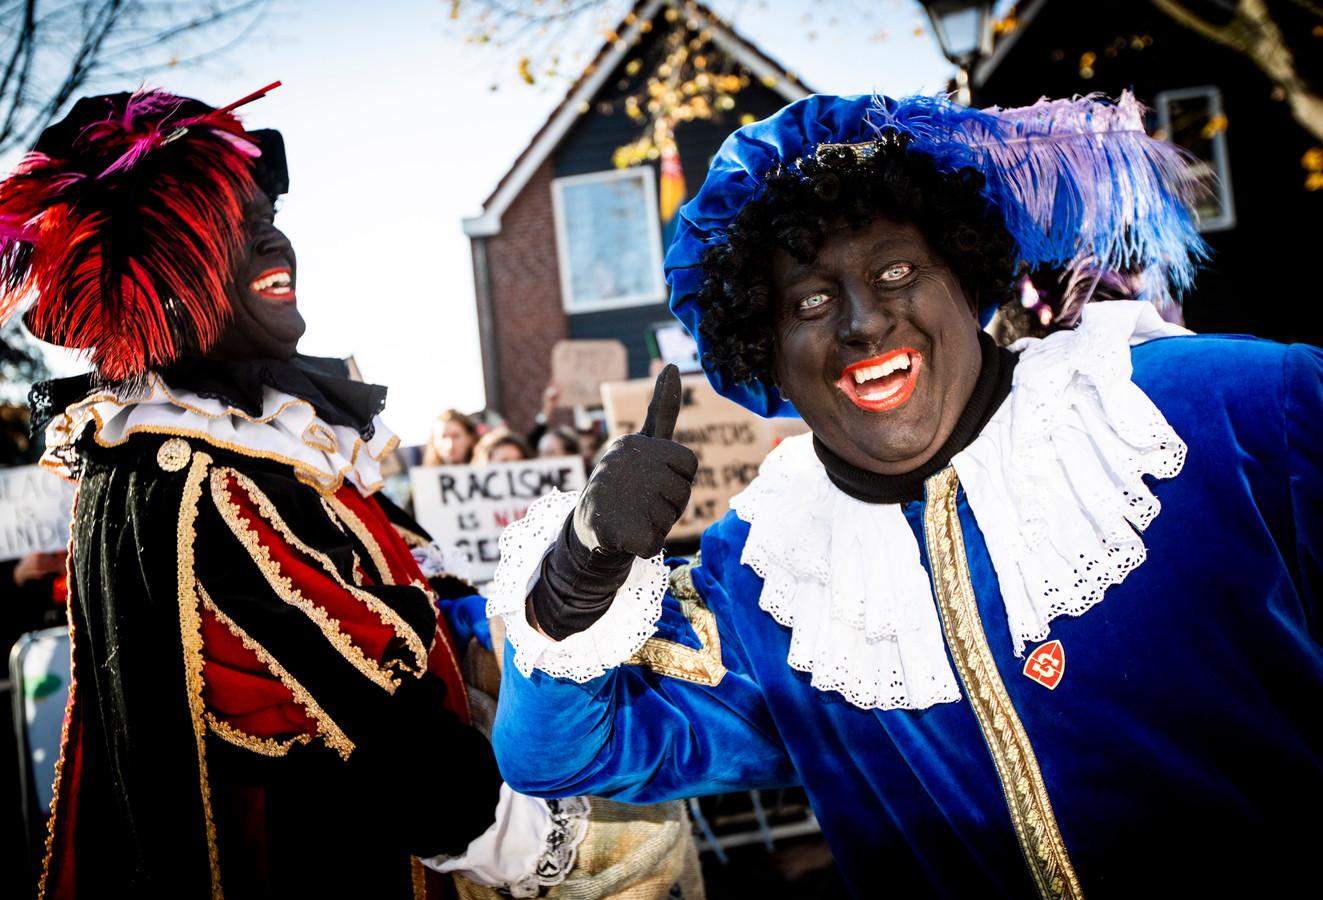 Demonstranten en zwarte pieten tijdens de landelijke intocht van Sinterklaas in de Zaanse Schans in 2018.